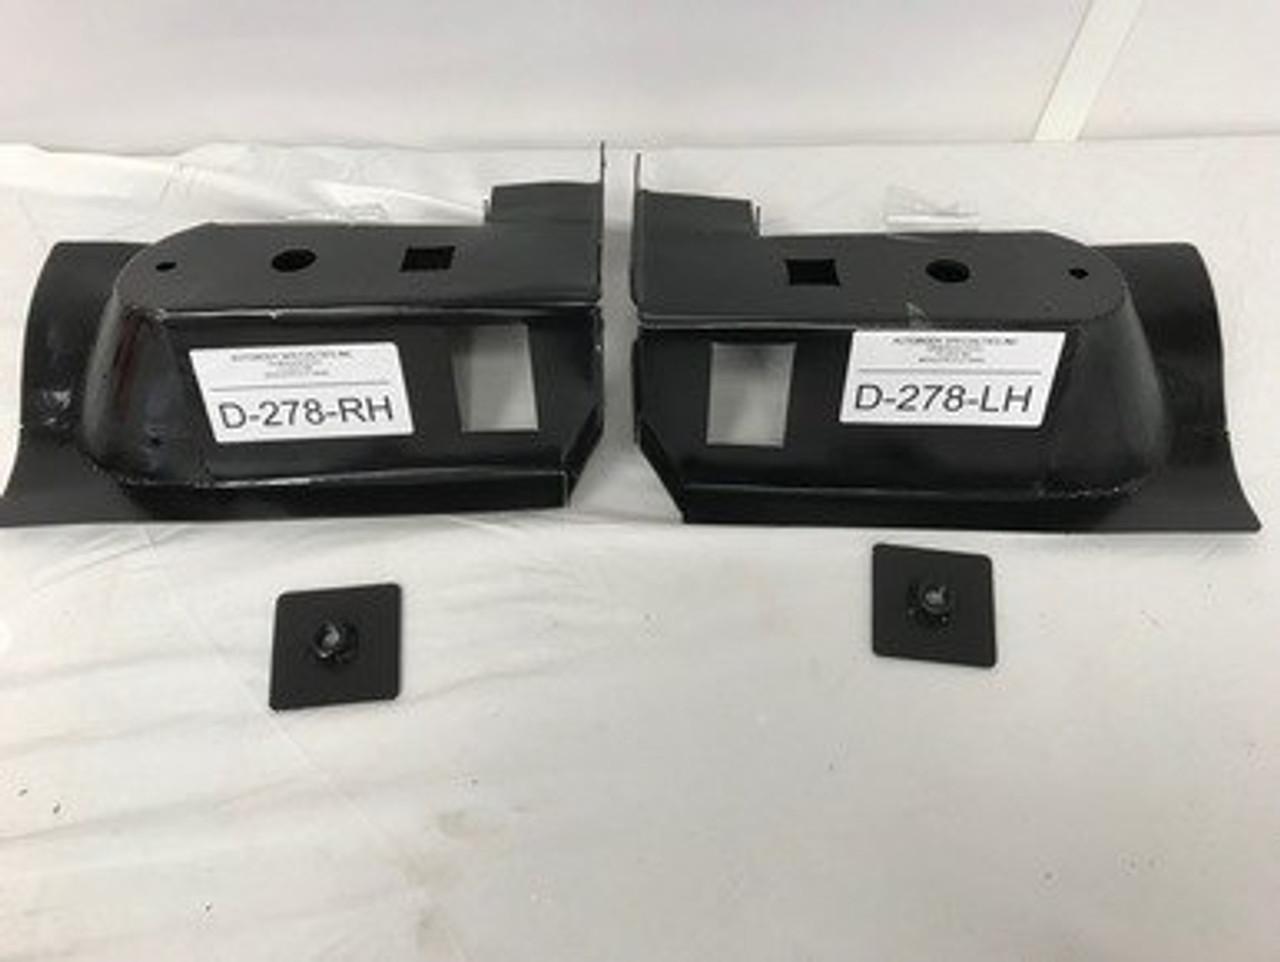 2000-11 DAKOTA 4 DOOR & 1998-2003 DURANGO STEEL FRONT CAB MOUNT SET W/NUT PLATES (except 2 door)